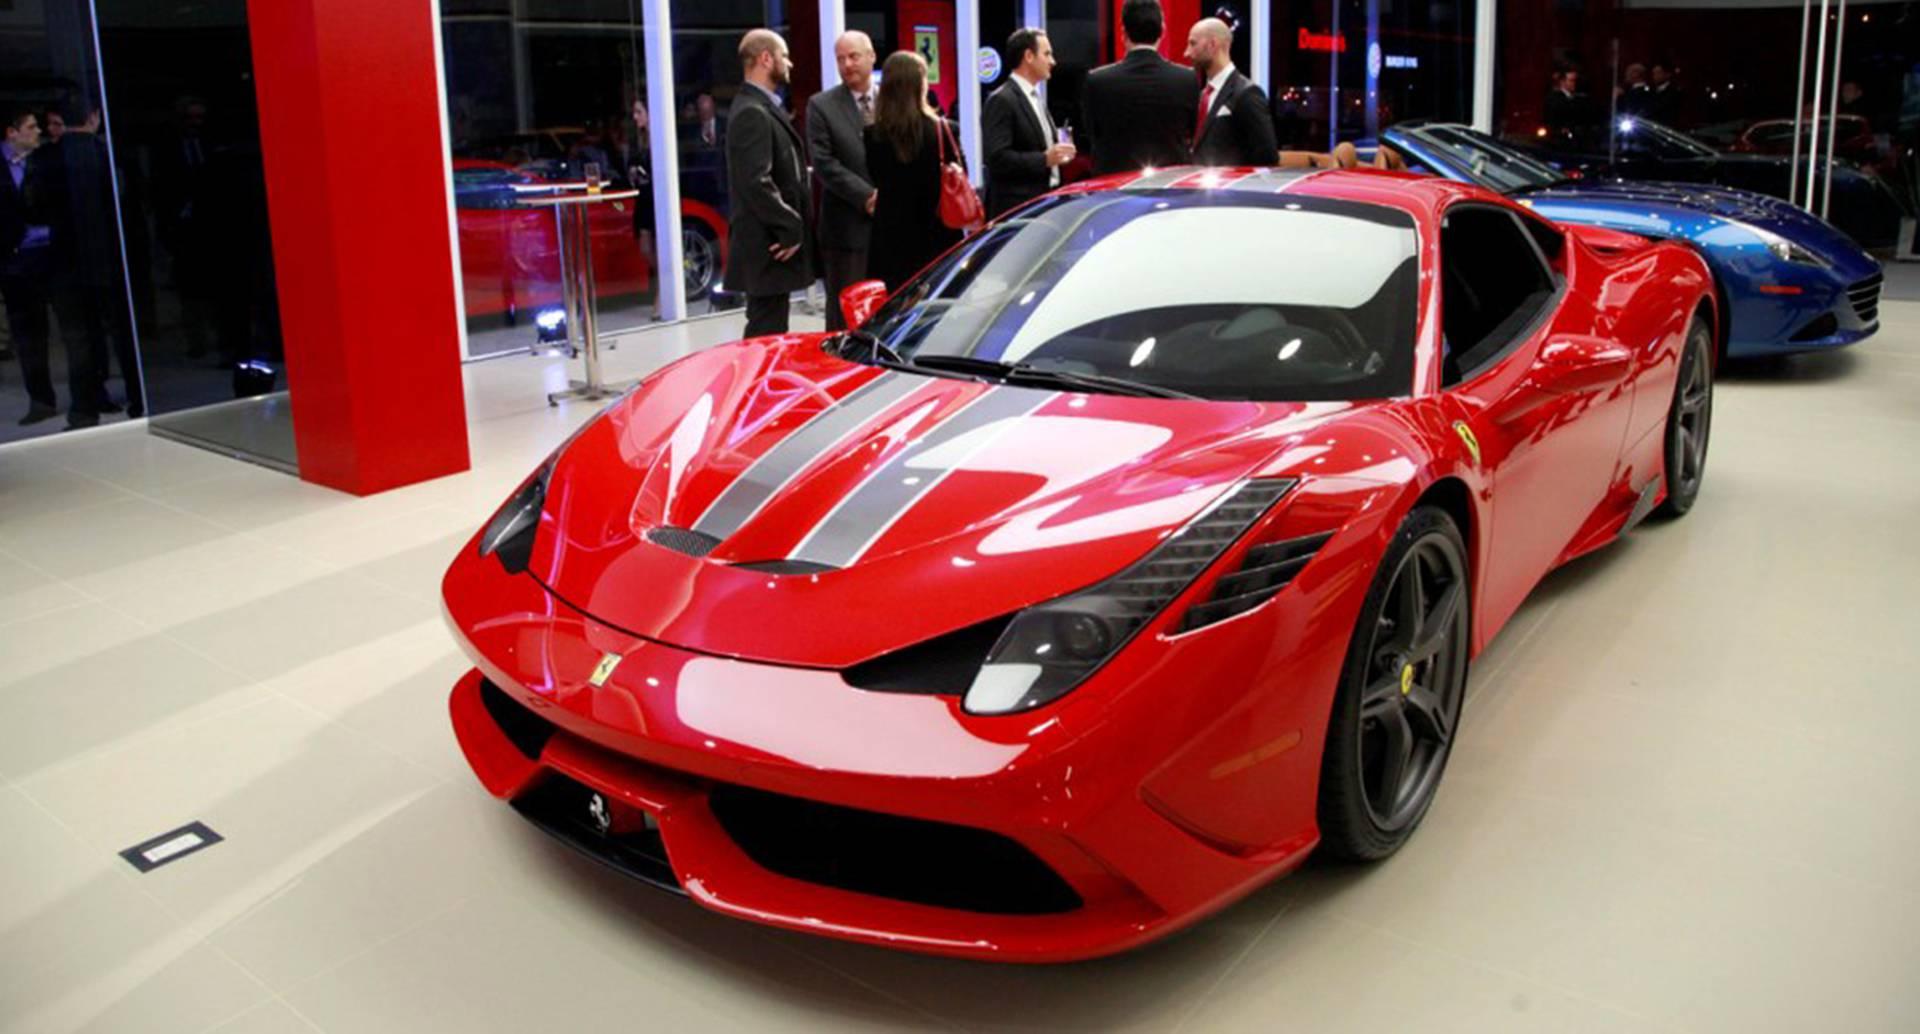 El 458 Speciale. Tiene una potencia de 605 caballos de fuerza a 9.000 rpm, una velocidad máxima de 325 km/h y aceleración de 0-100 km/h en 3.0 segundos(Foto: Cortesía Ferrari)